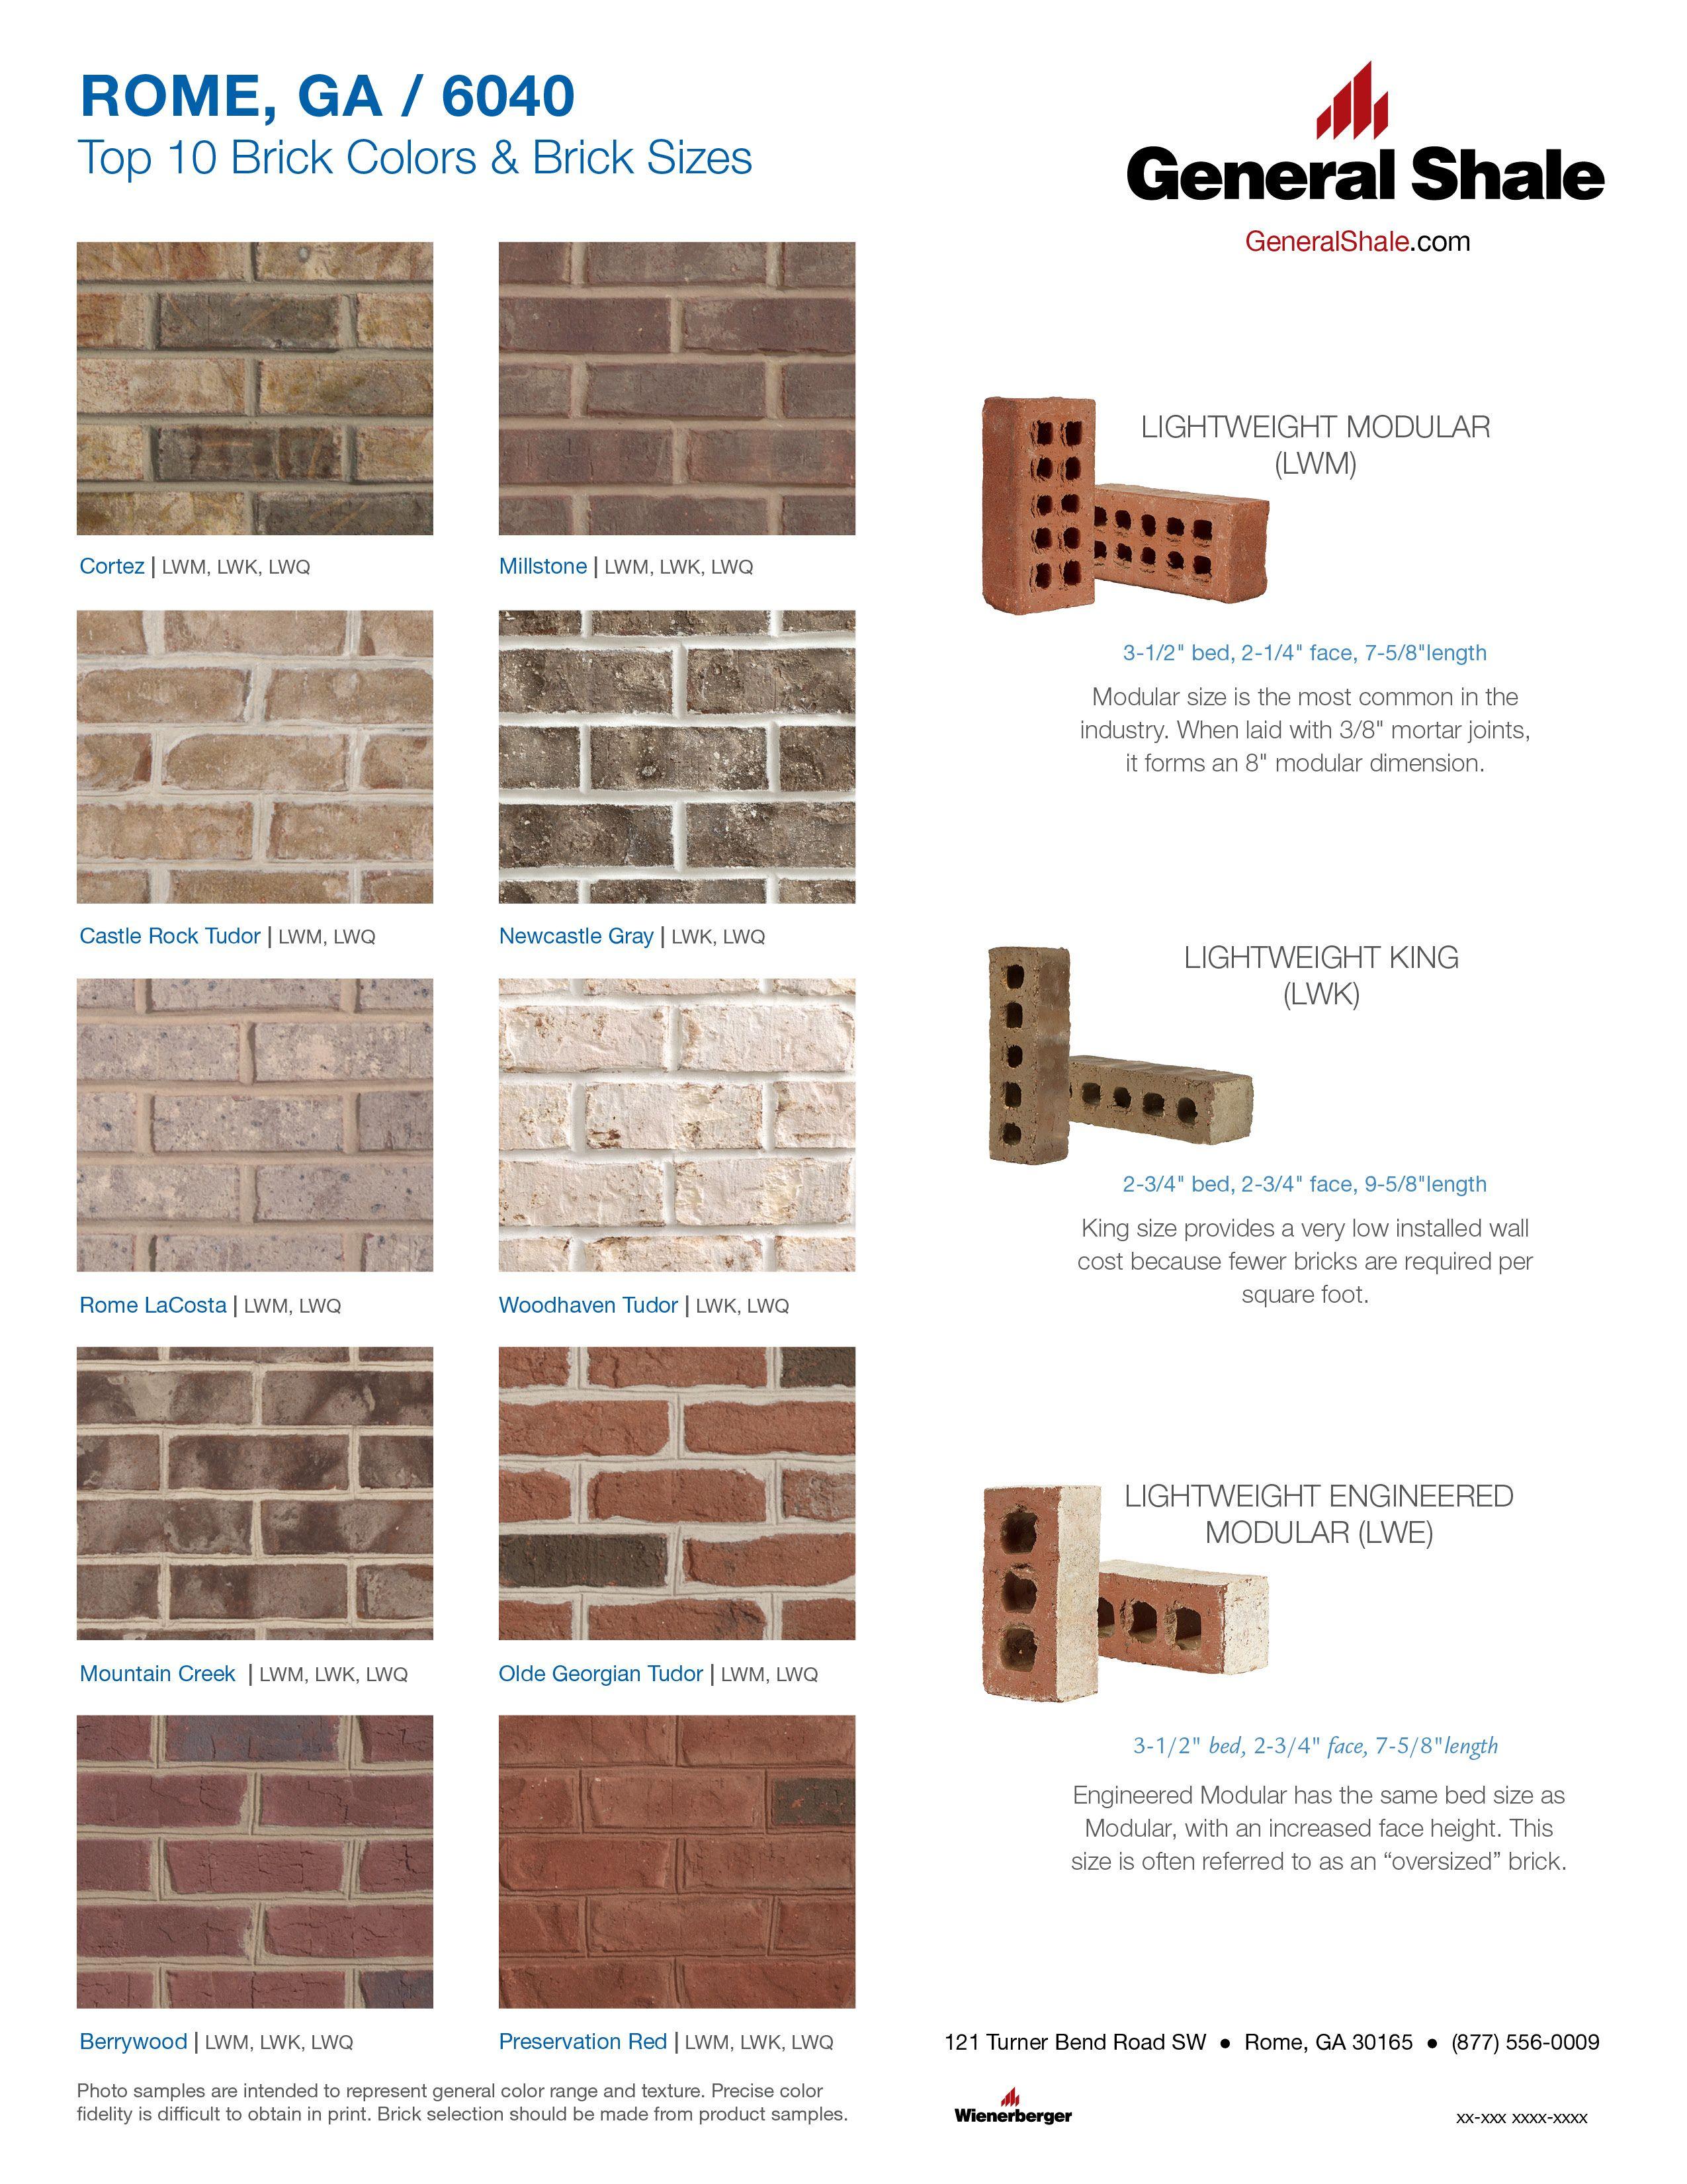 How Many Bricks To Build A House : bricks, build, house, Brick, Colors, Colors,, Exterior, House,, House